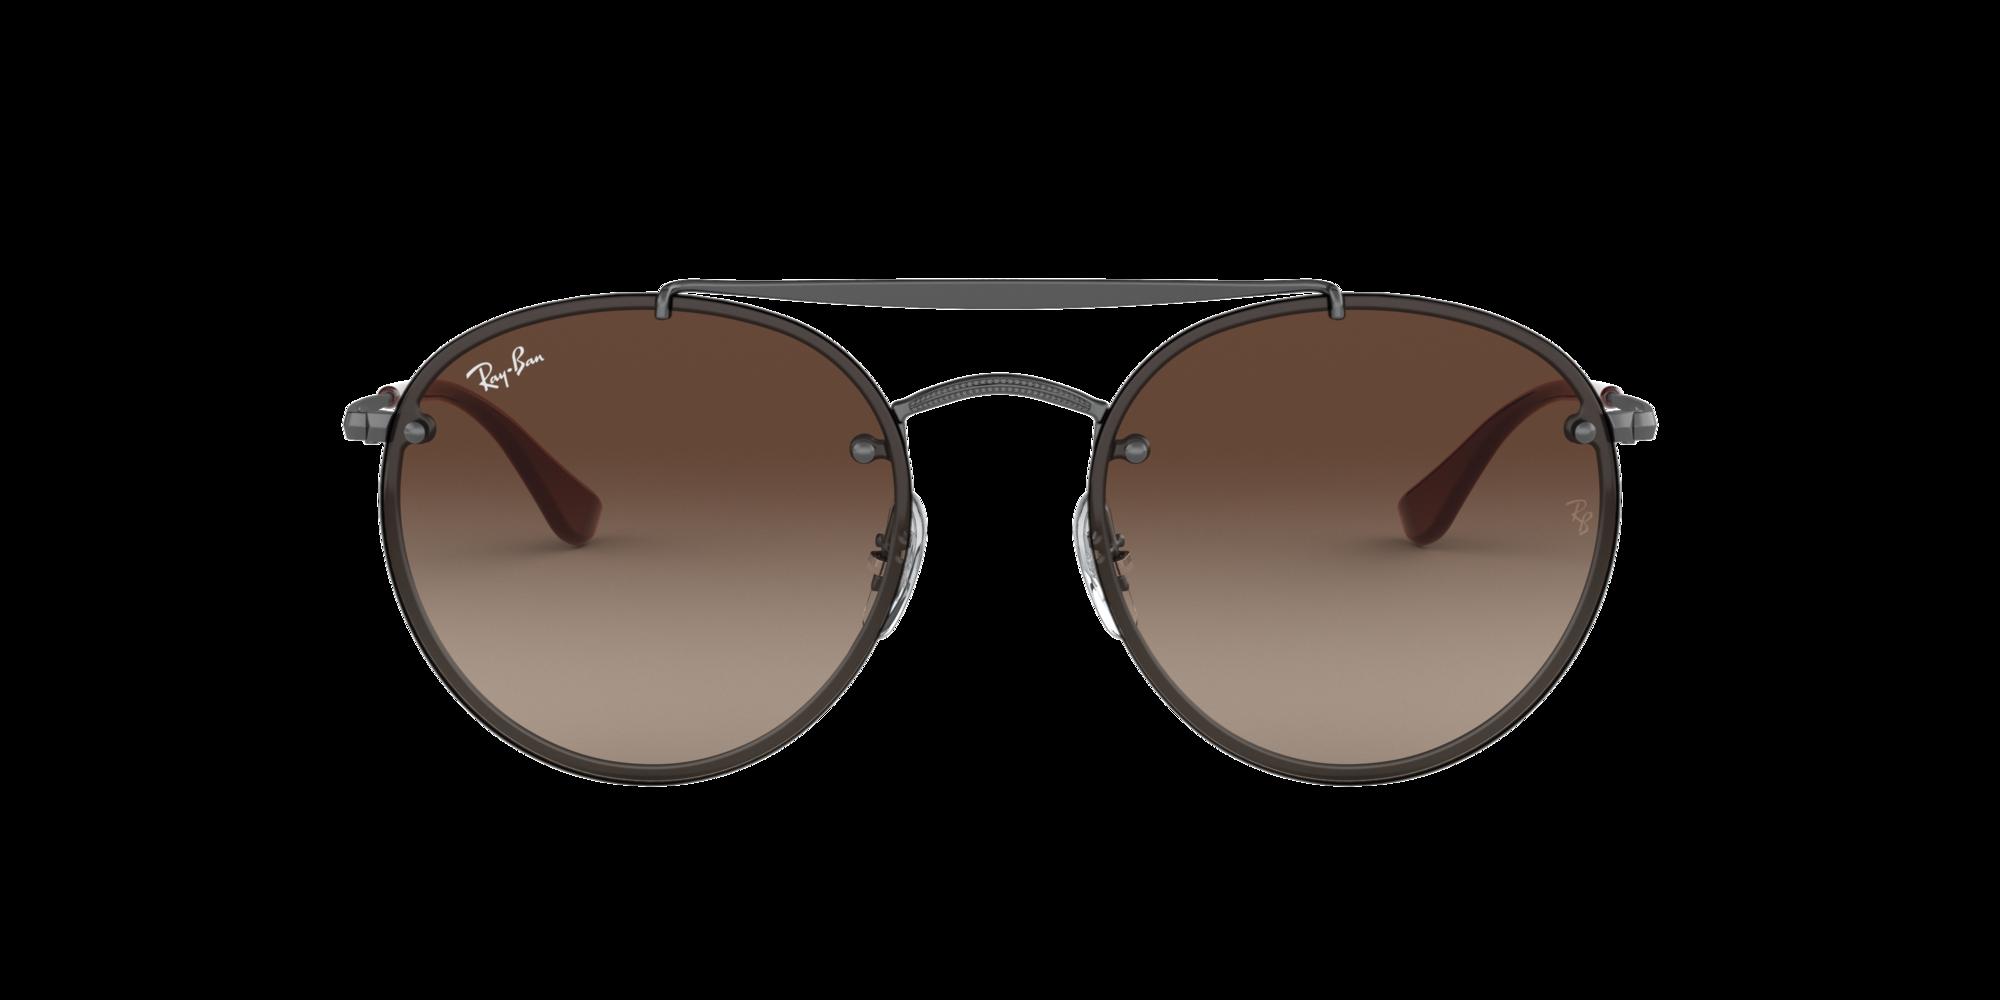 Imagen para RB3614N 54 BLAZE ROUND DOUBLEBRIDGE de LensCrafters    Espejuelos, espejuelos graduados en línea, gafas